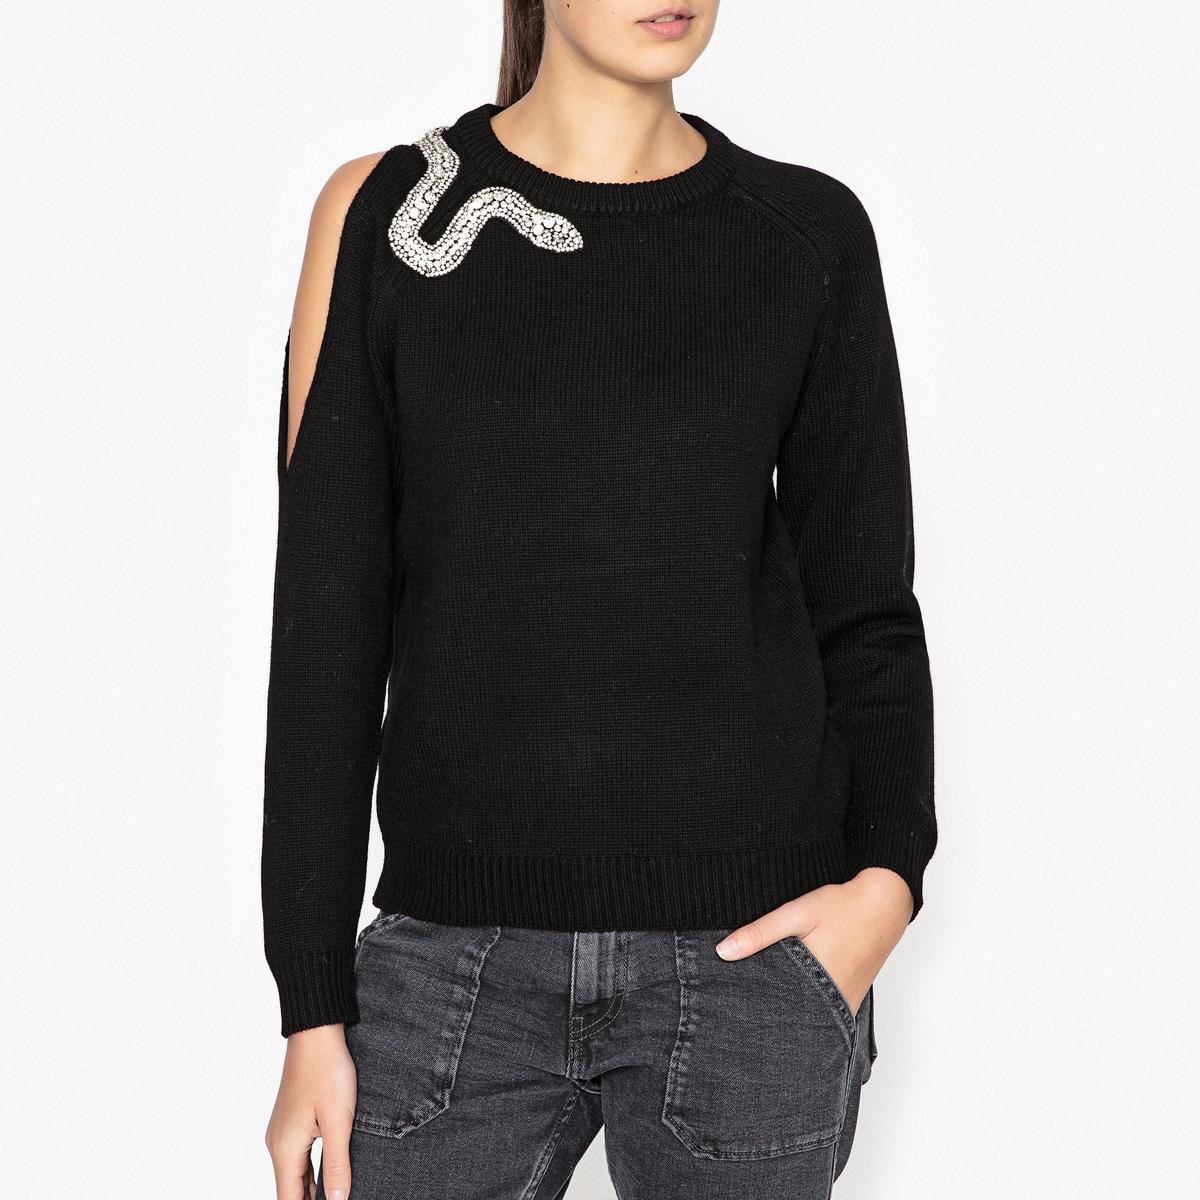 Пуловер с открытым плечом OSSIEОписание:Пуловер с длинными рукавами BA&amp;SH - модель OSSIE с открытым плечом и декоративным украшением.Детали •  Длинные рукава •  Круглый вырез •  Тонкий трикотаж Состав и уход •  90% шерсти, 10% кашемира •  Следуйте советам по уходу, указанным на этикетке<br><br>Цвет: черный